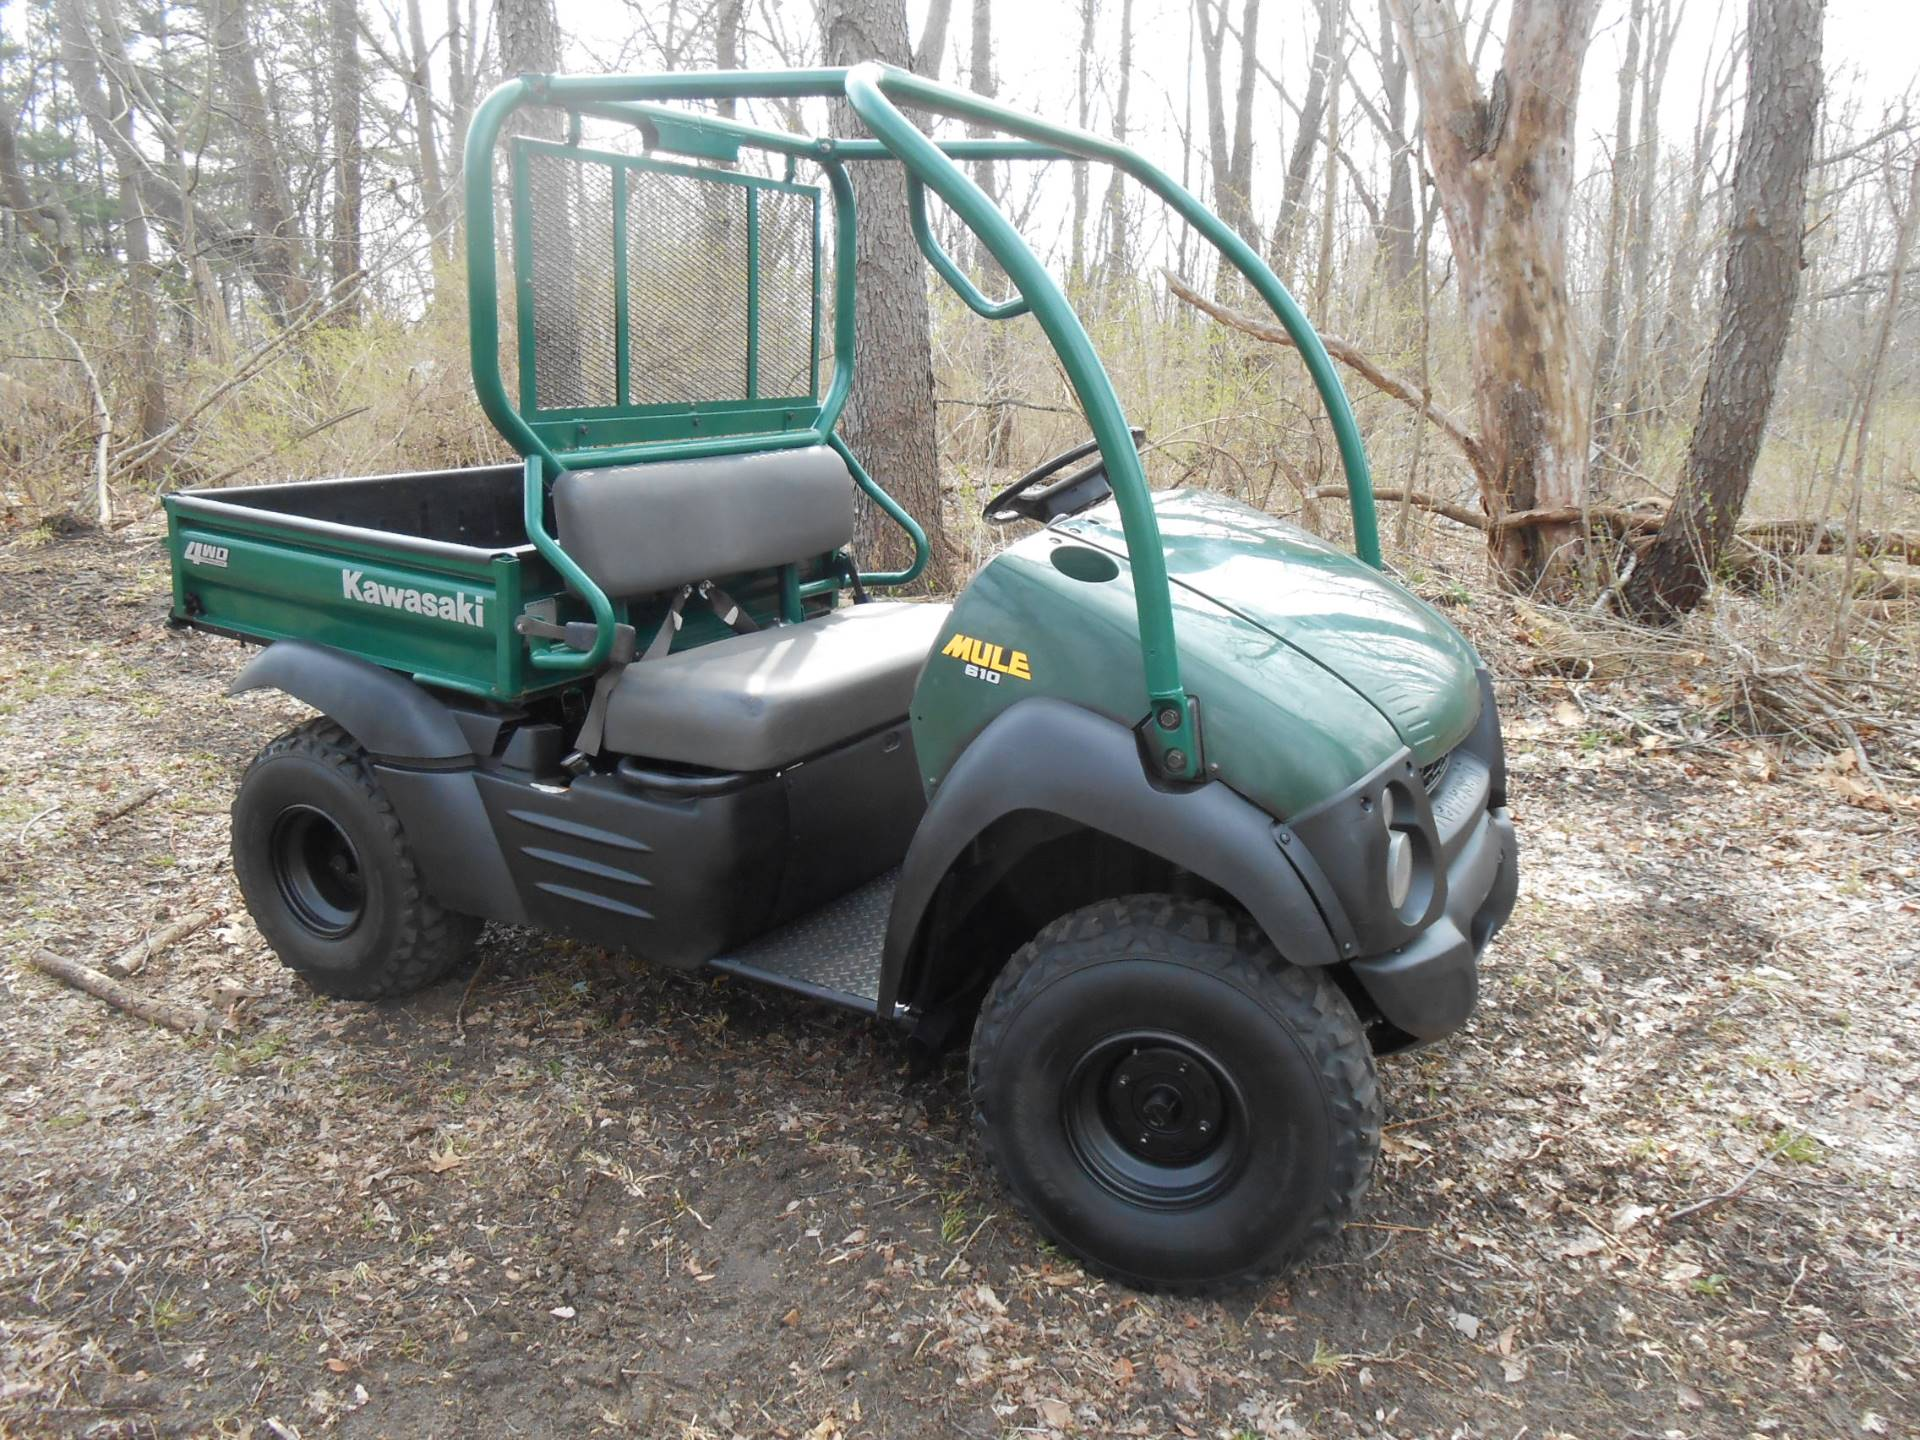 2007 Mule 610 4x4